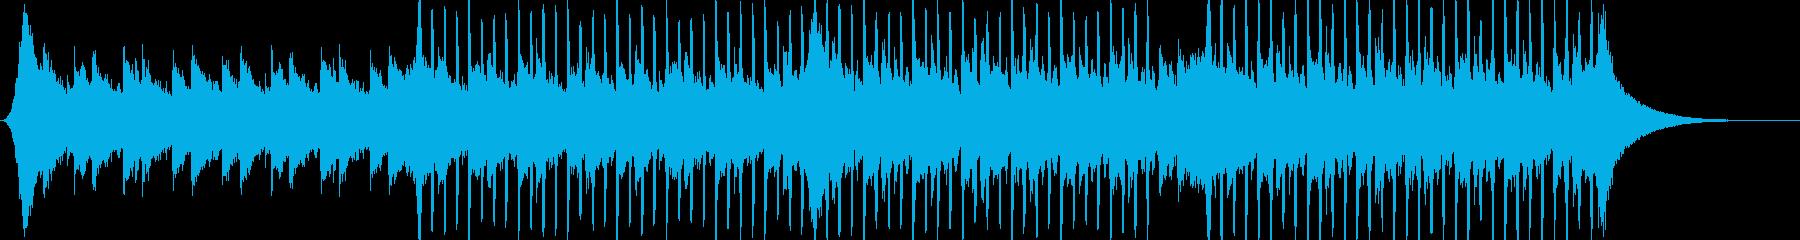 企業VP系38、爽やかギター4つ打ちbの再生済みの波形